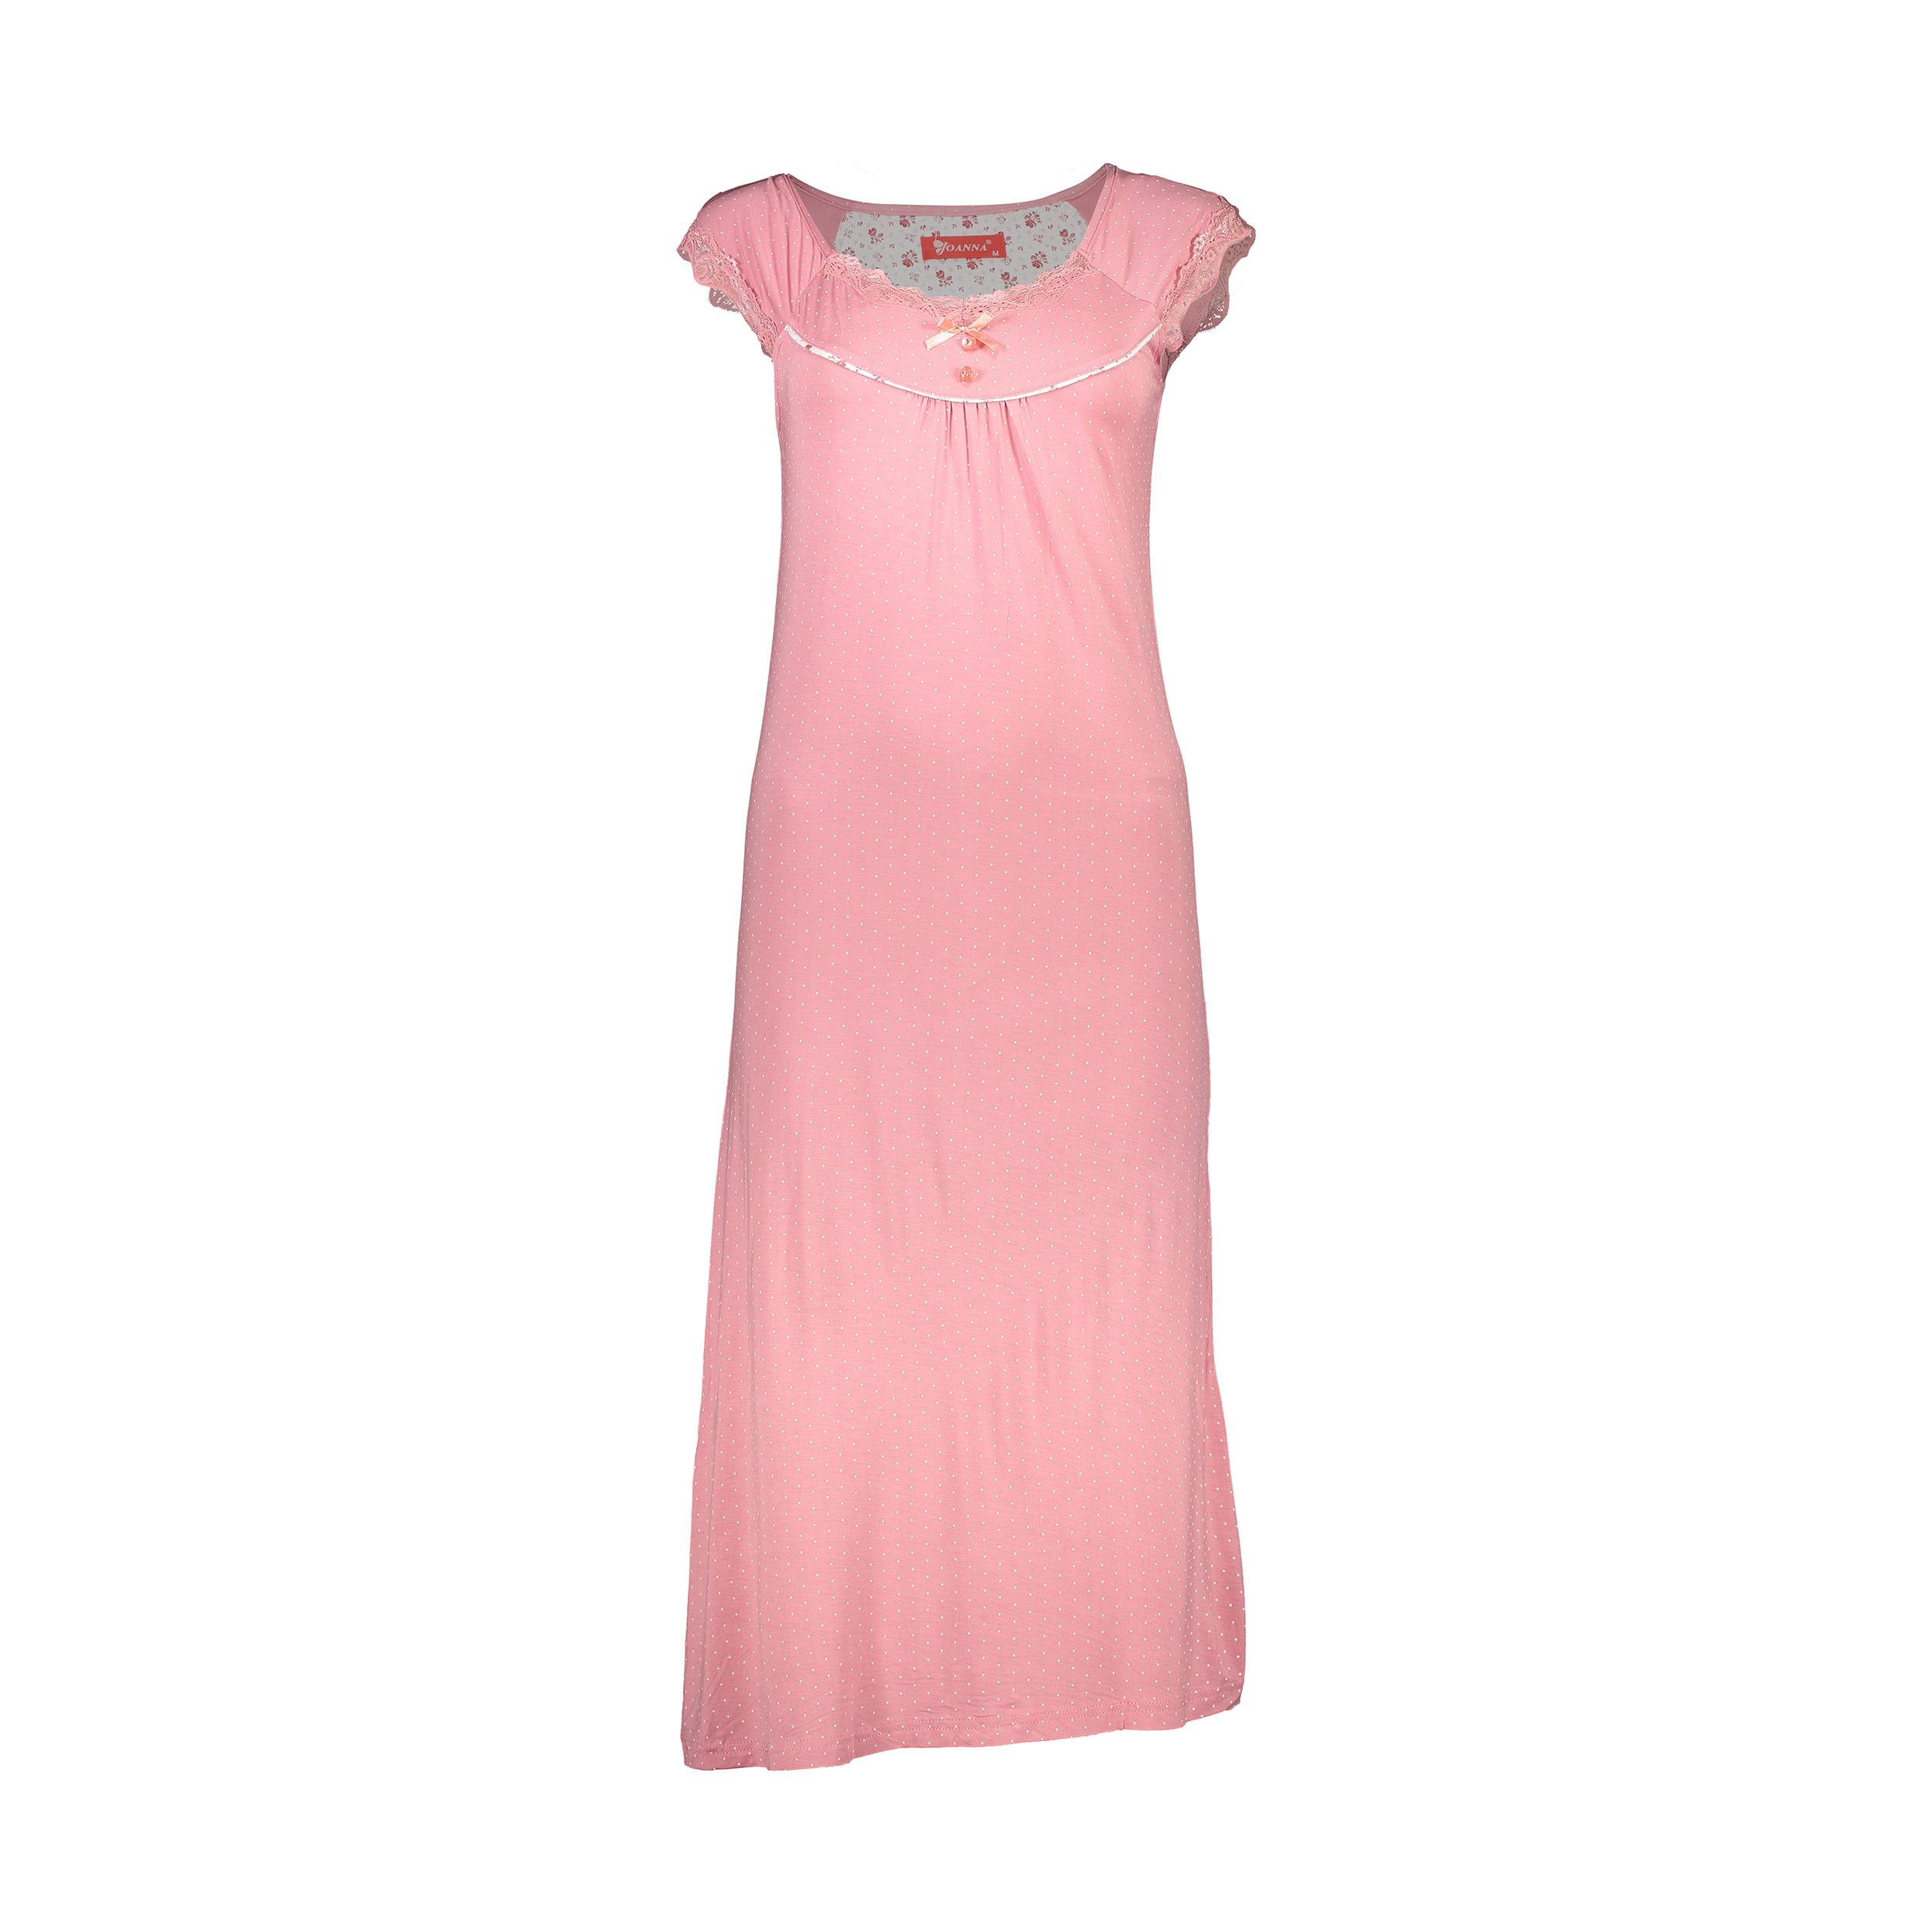 پیراهن راحتی  زنانه  جوانا کد 046843-2              👗